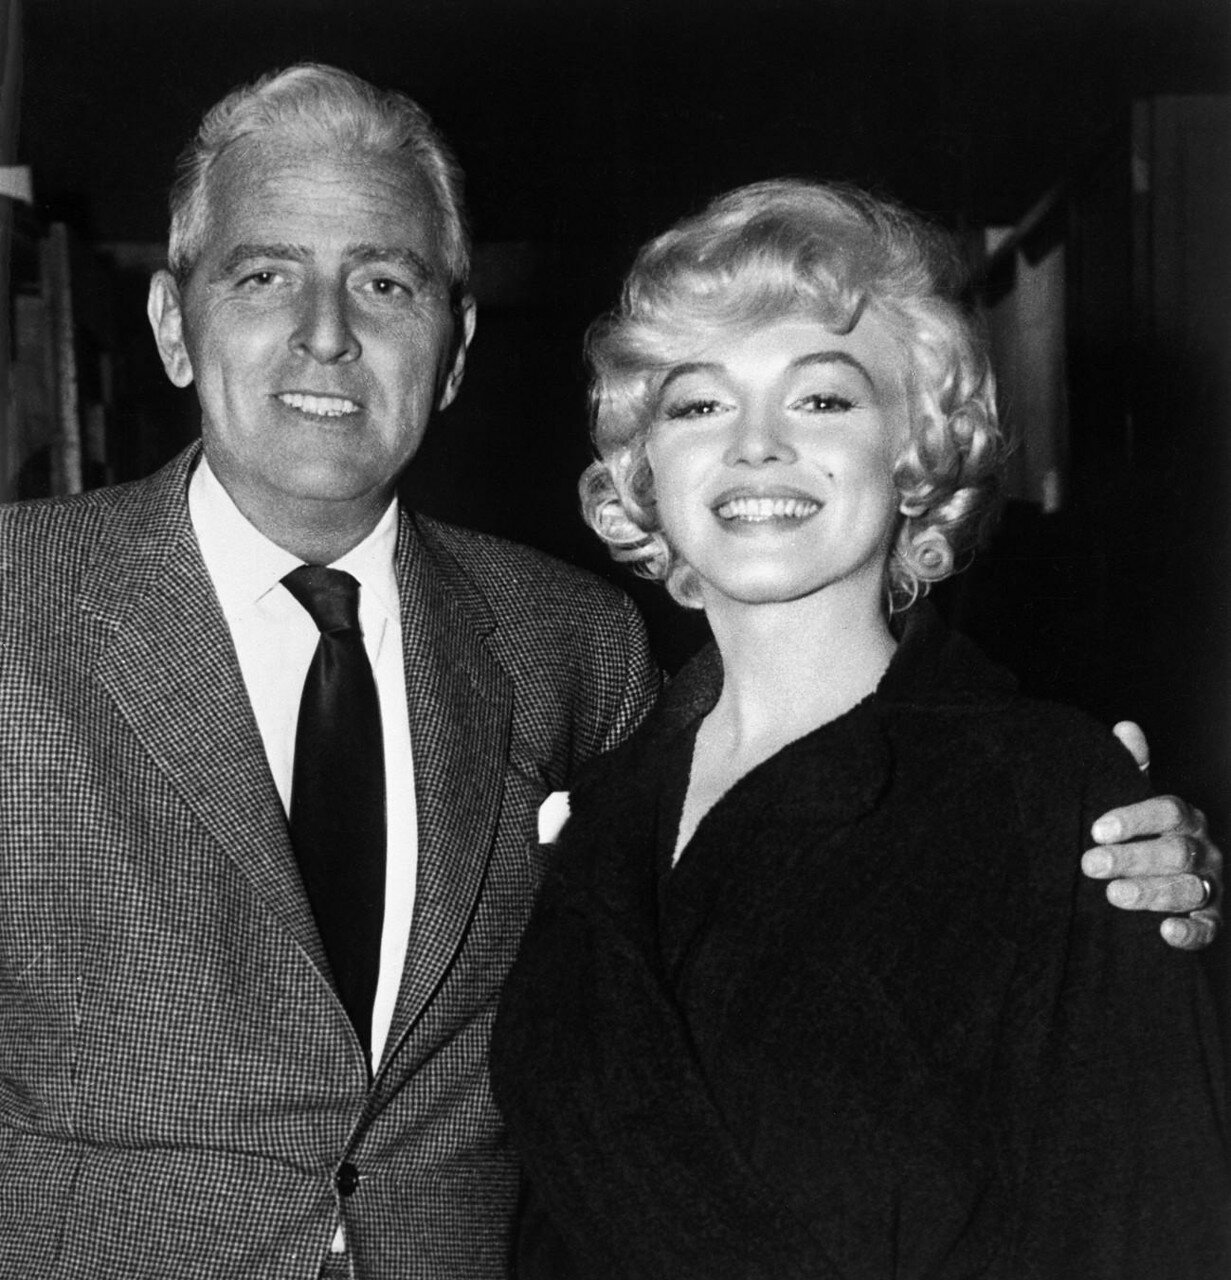 Marilyn with Buddy Adler